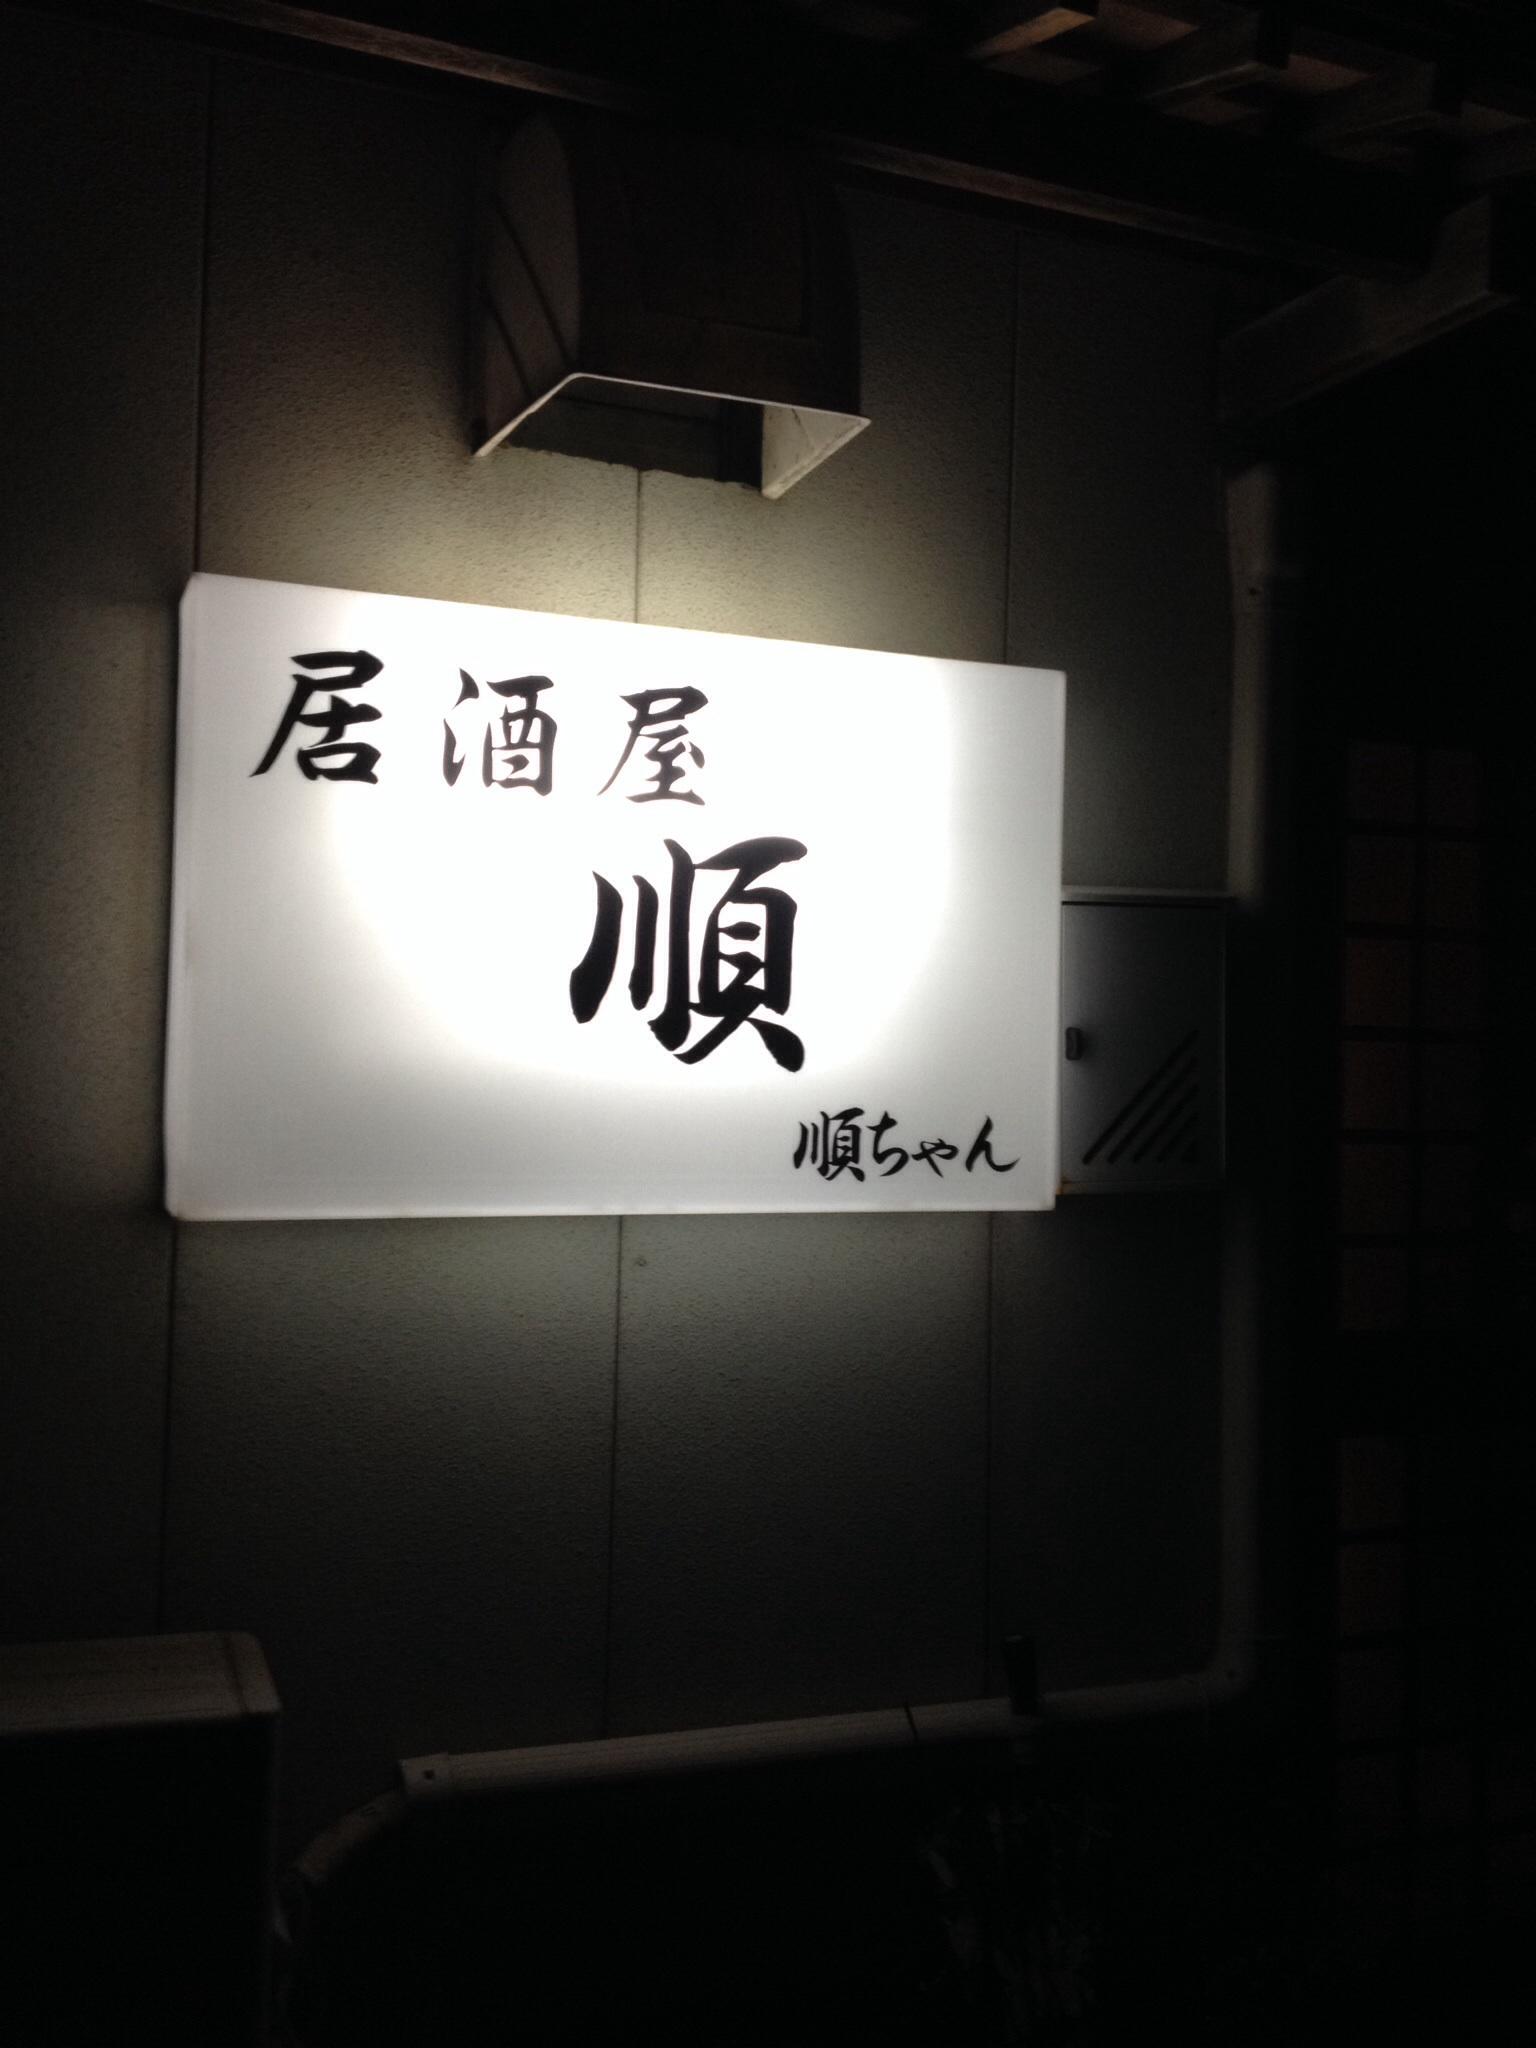 居酒屋 順ちゃん